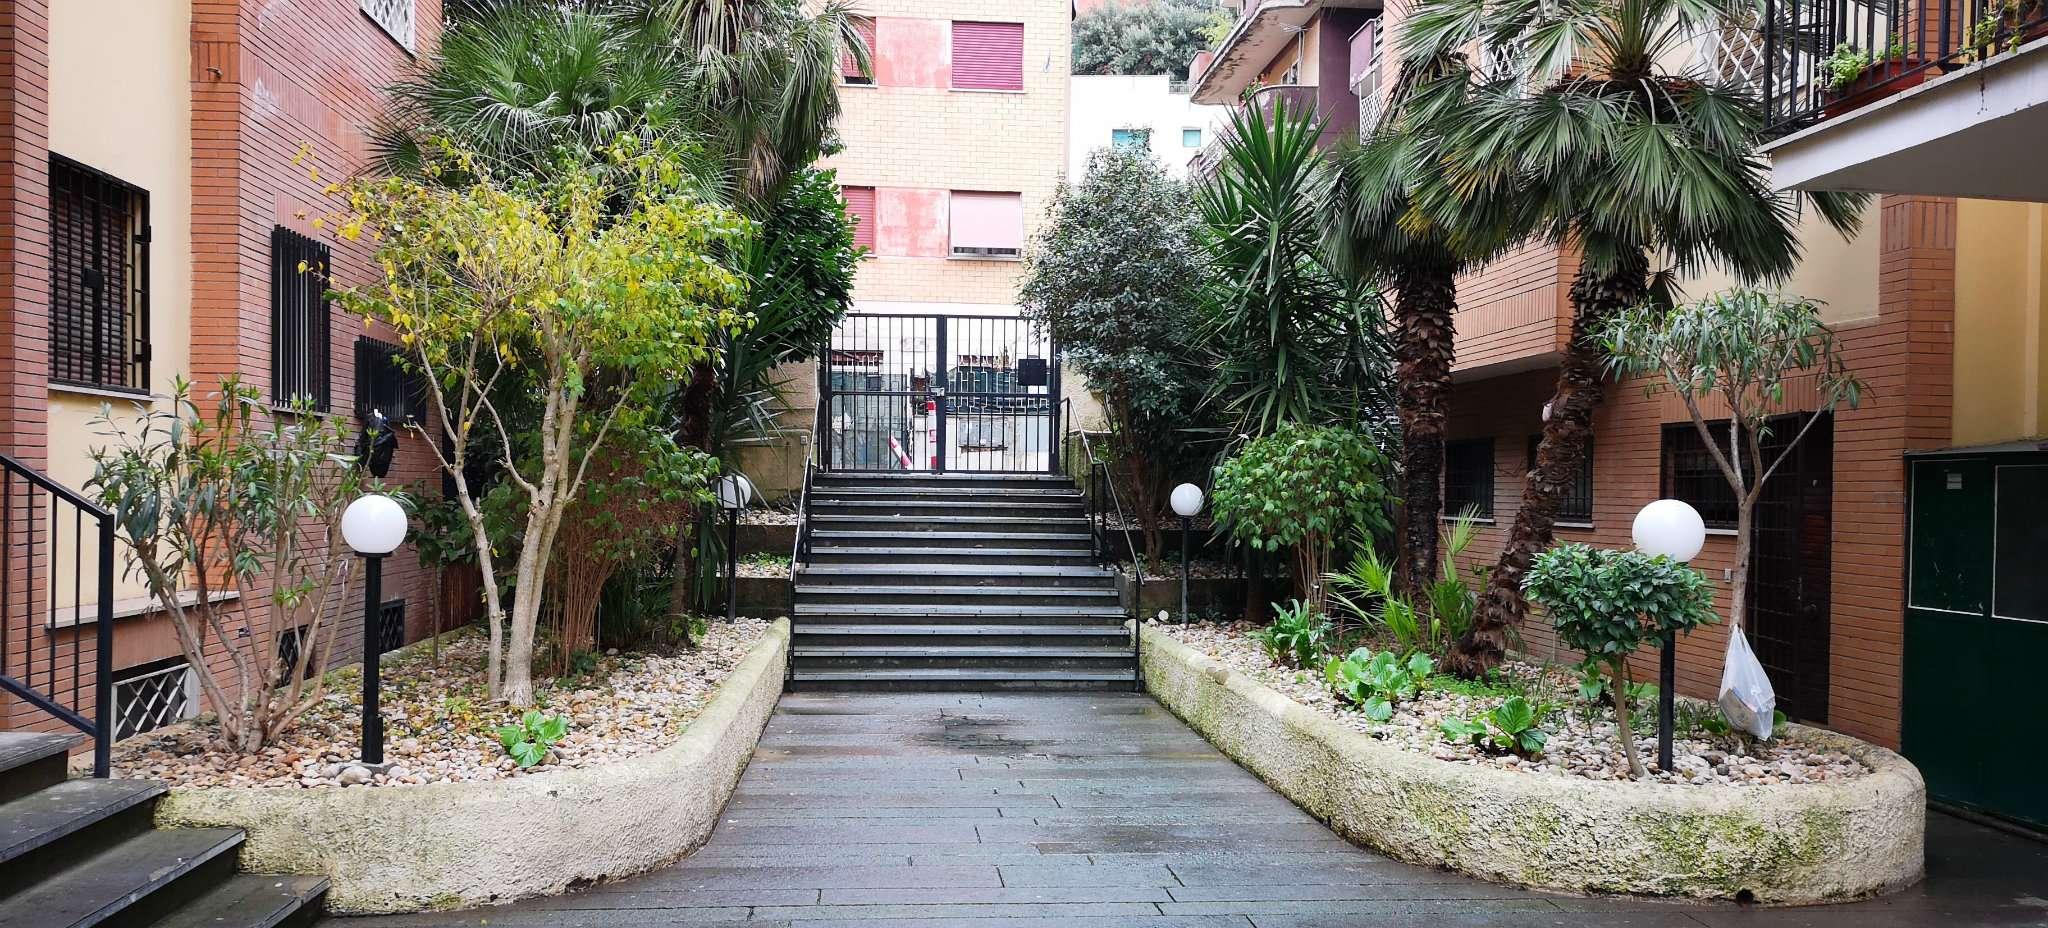 Appartamento in vendita a Roma, 2 locali, zona Zona: 42 . Cassia - Olgiata, prezzo € 120.000 | CambioCasa.it